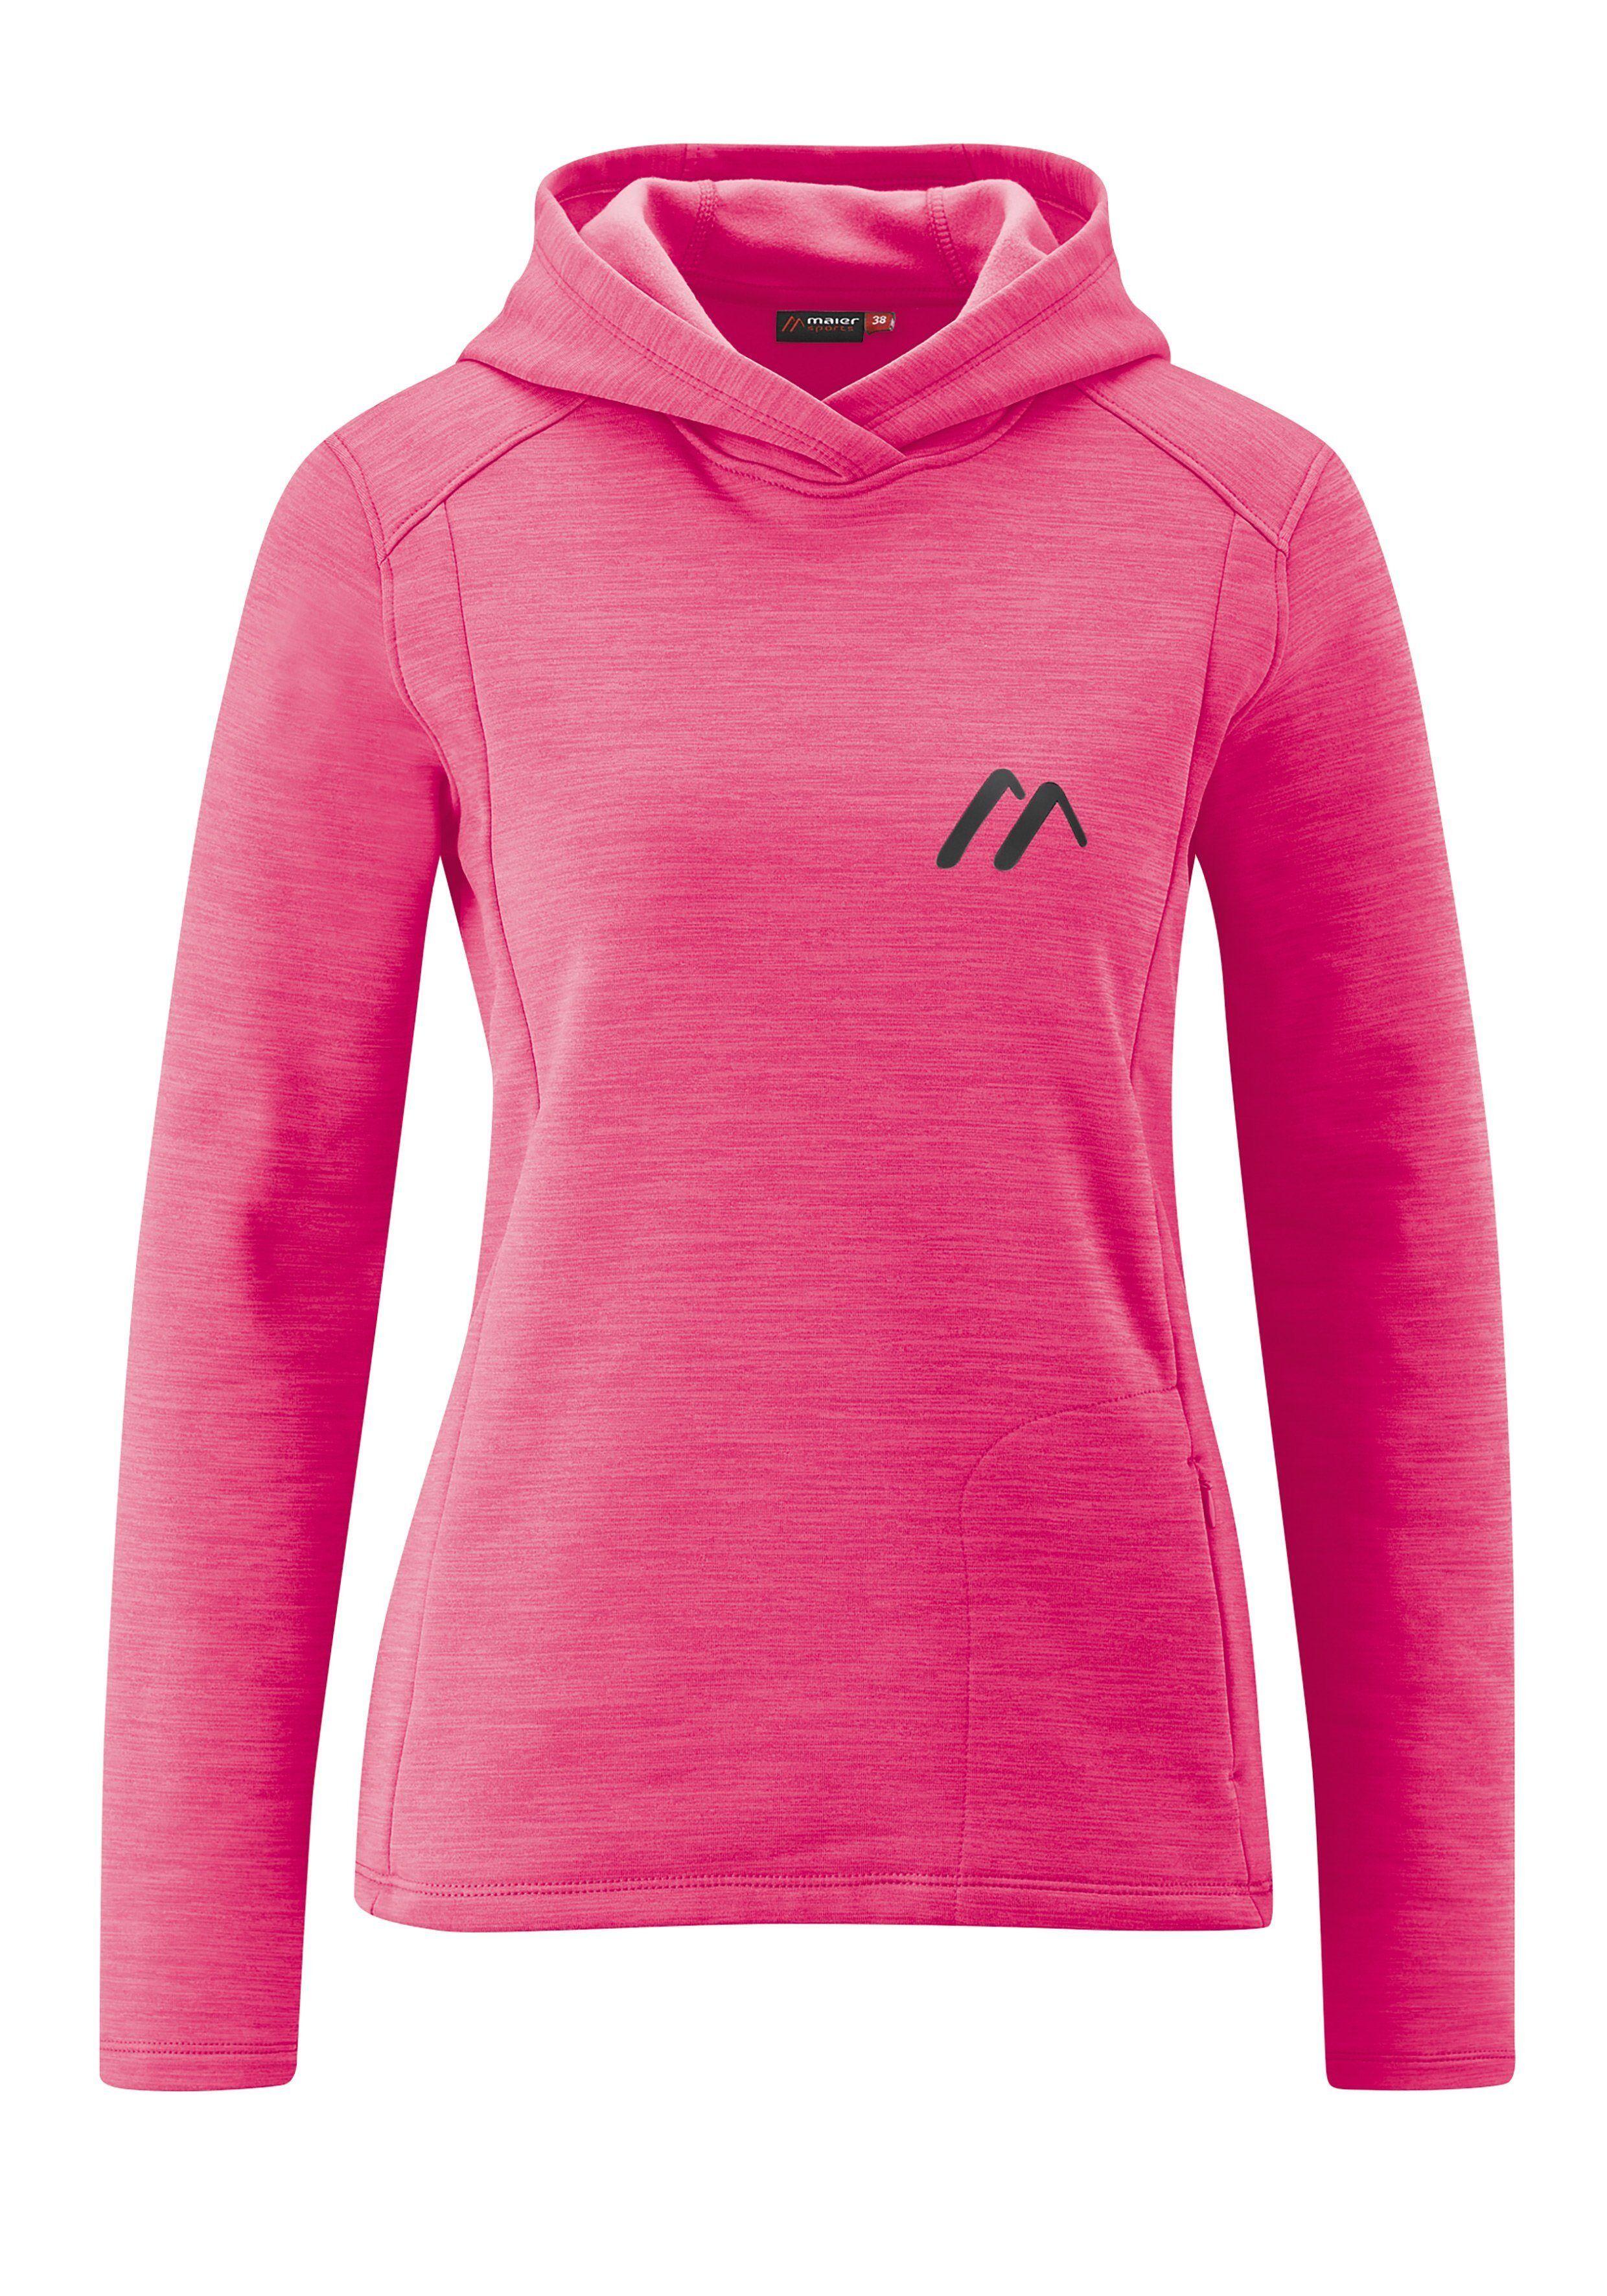 Maier Sports Funktionsjacke »Ulva W« Kuscheliger Hoody für Freizeit und Reise, pink